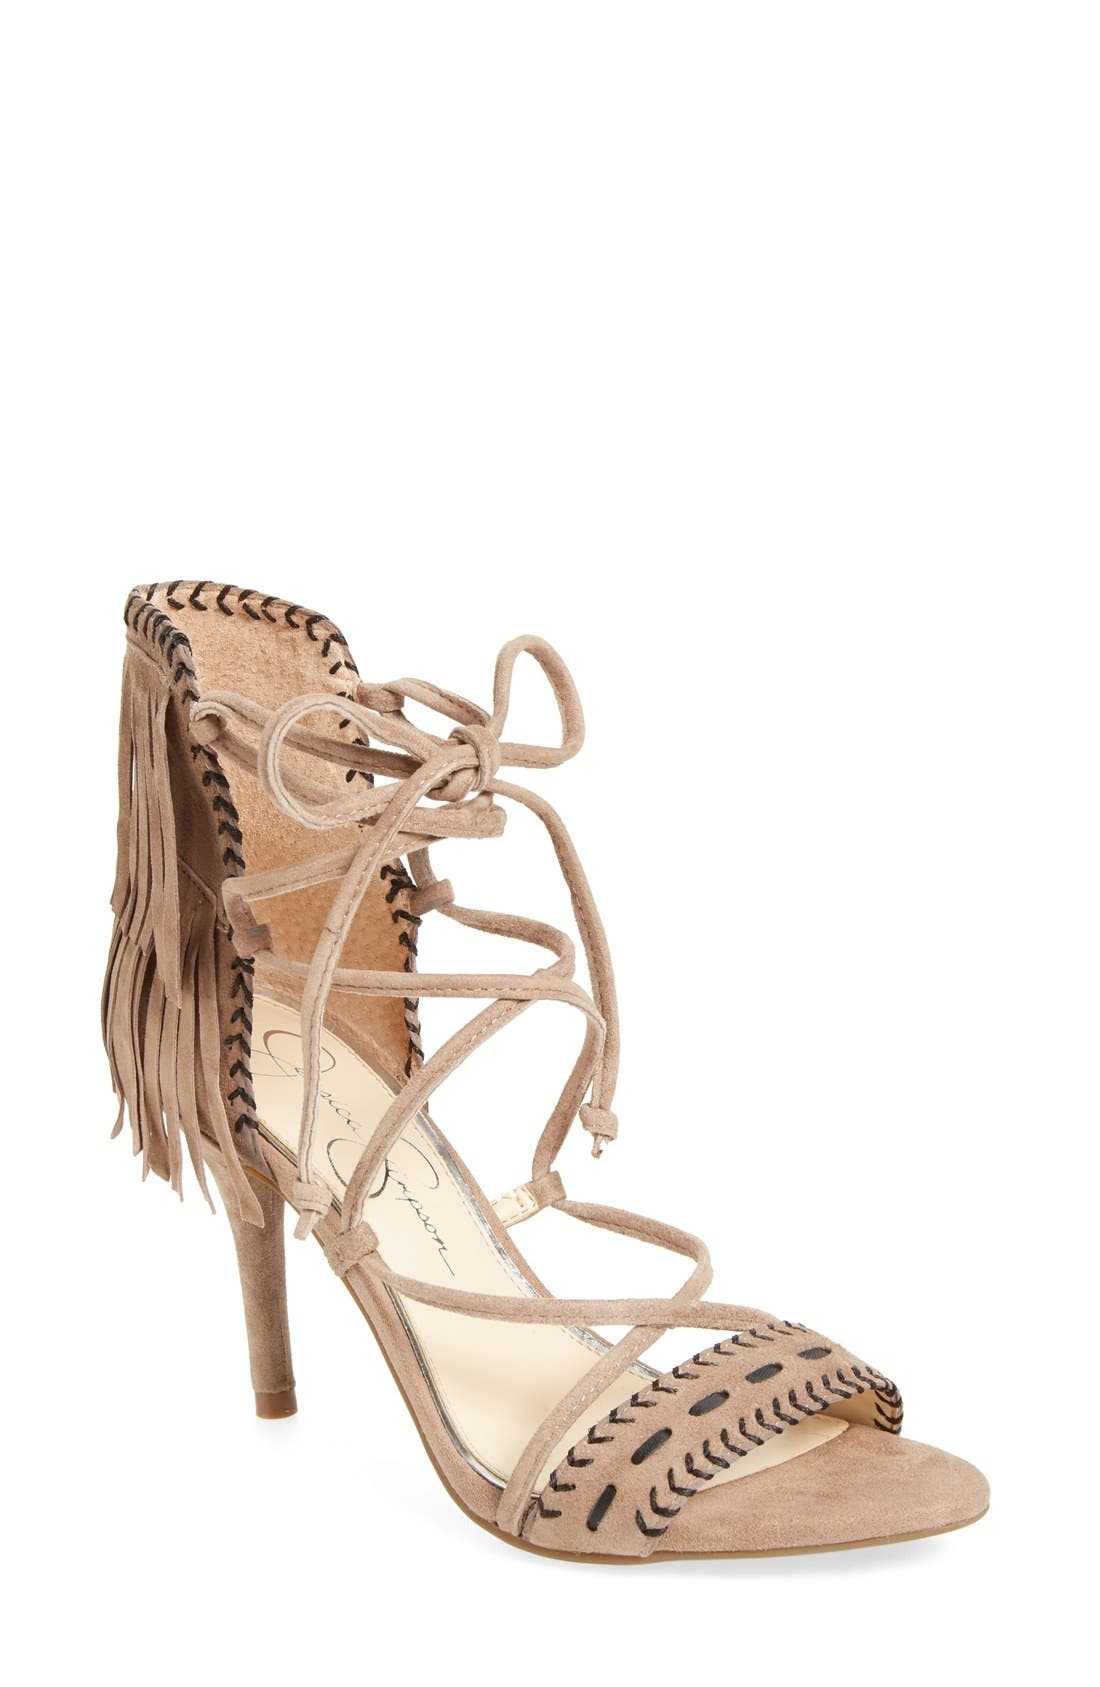 JESSICA SIMPSON 'Mareya' Fringe Ankle Tie Sandal